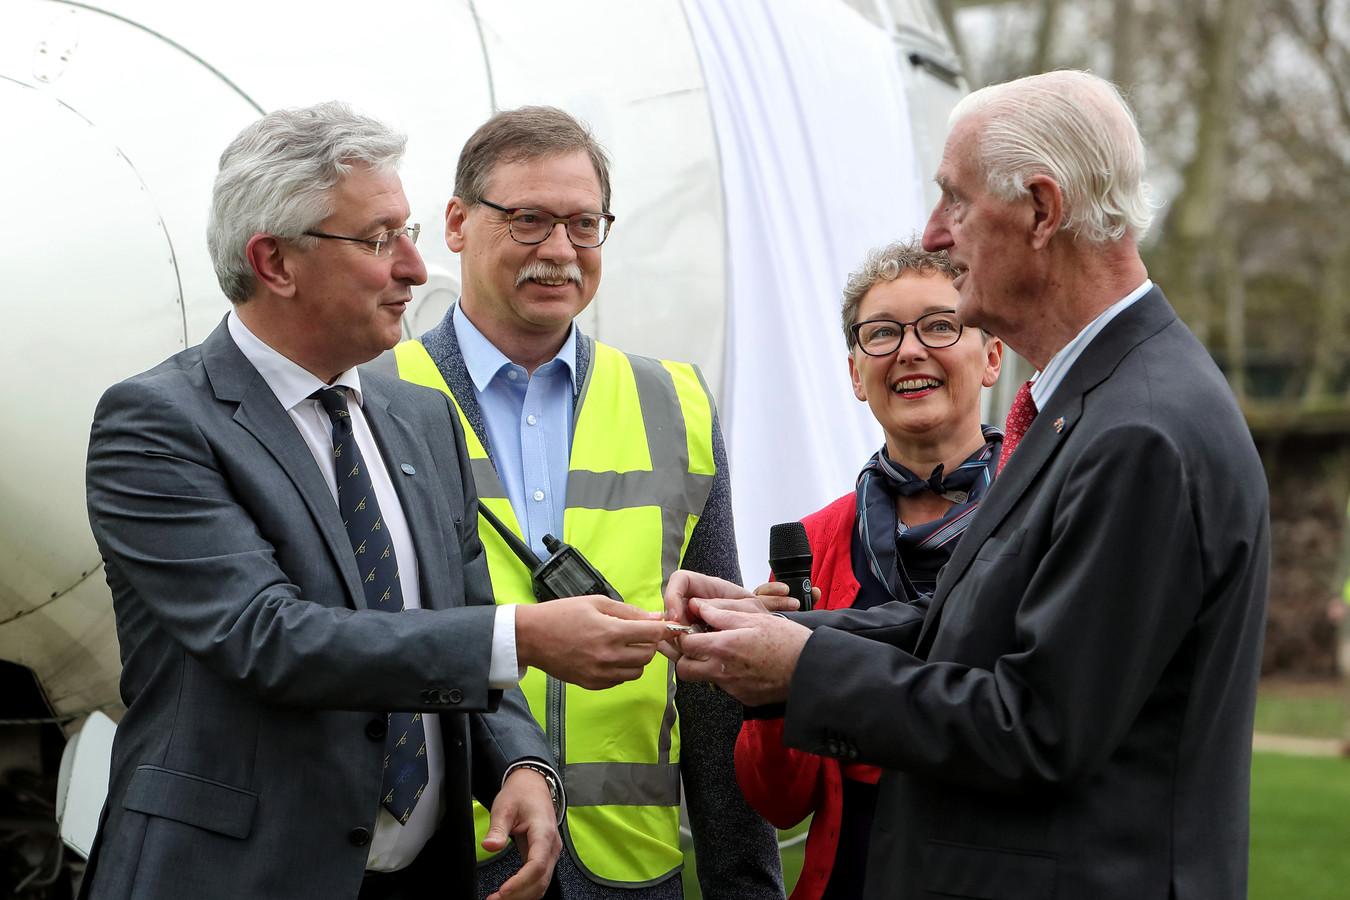 Gerhard Horstink overhandigt de sleutel van de B&B Friendship aan luchtvaartpionier Martin Schröder (86), de oprichter van Martinair.